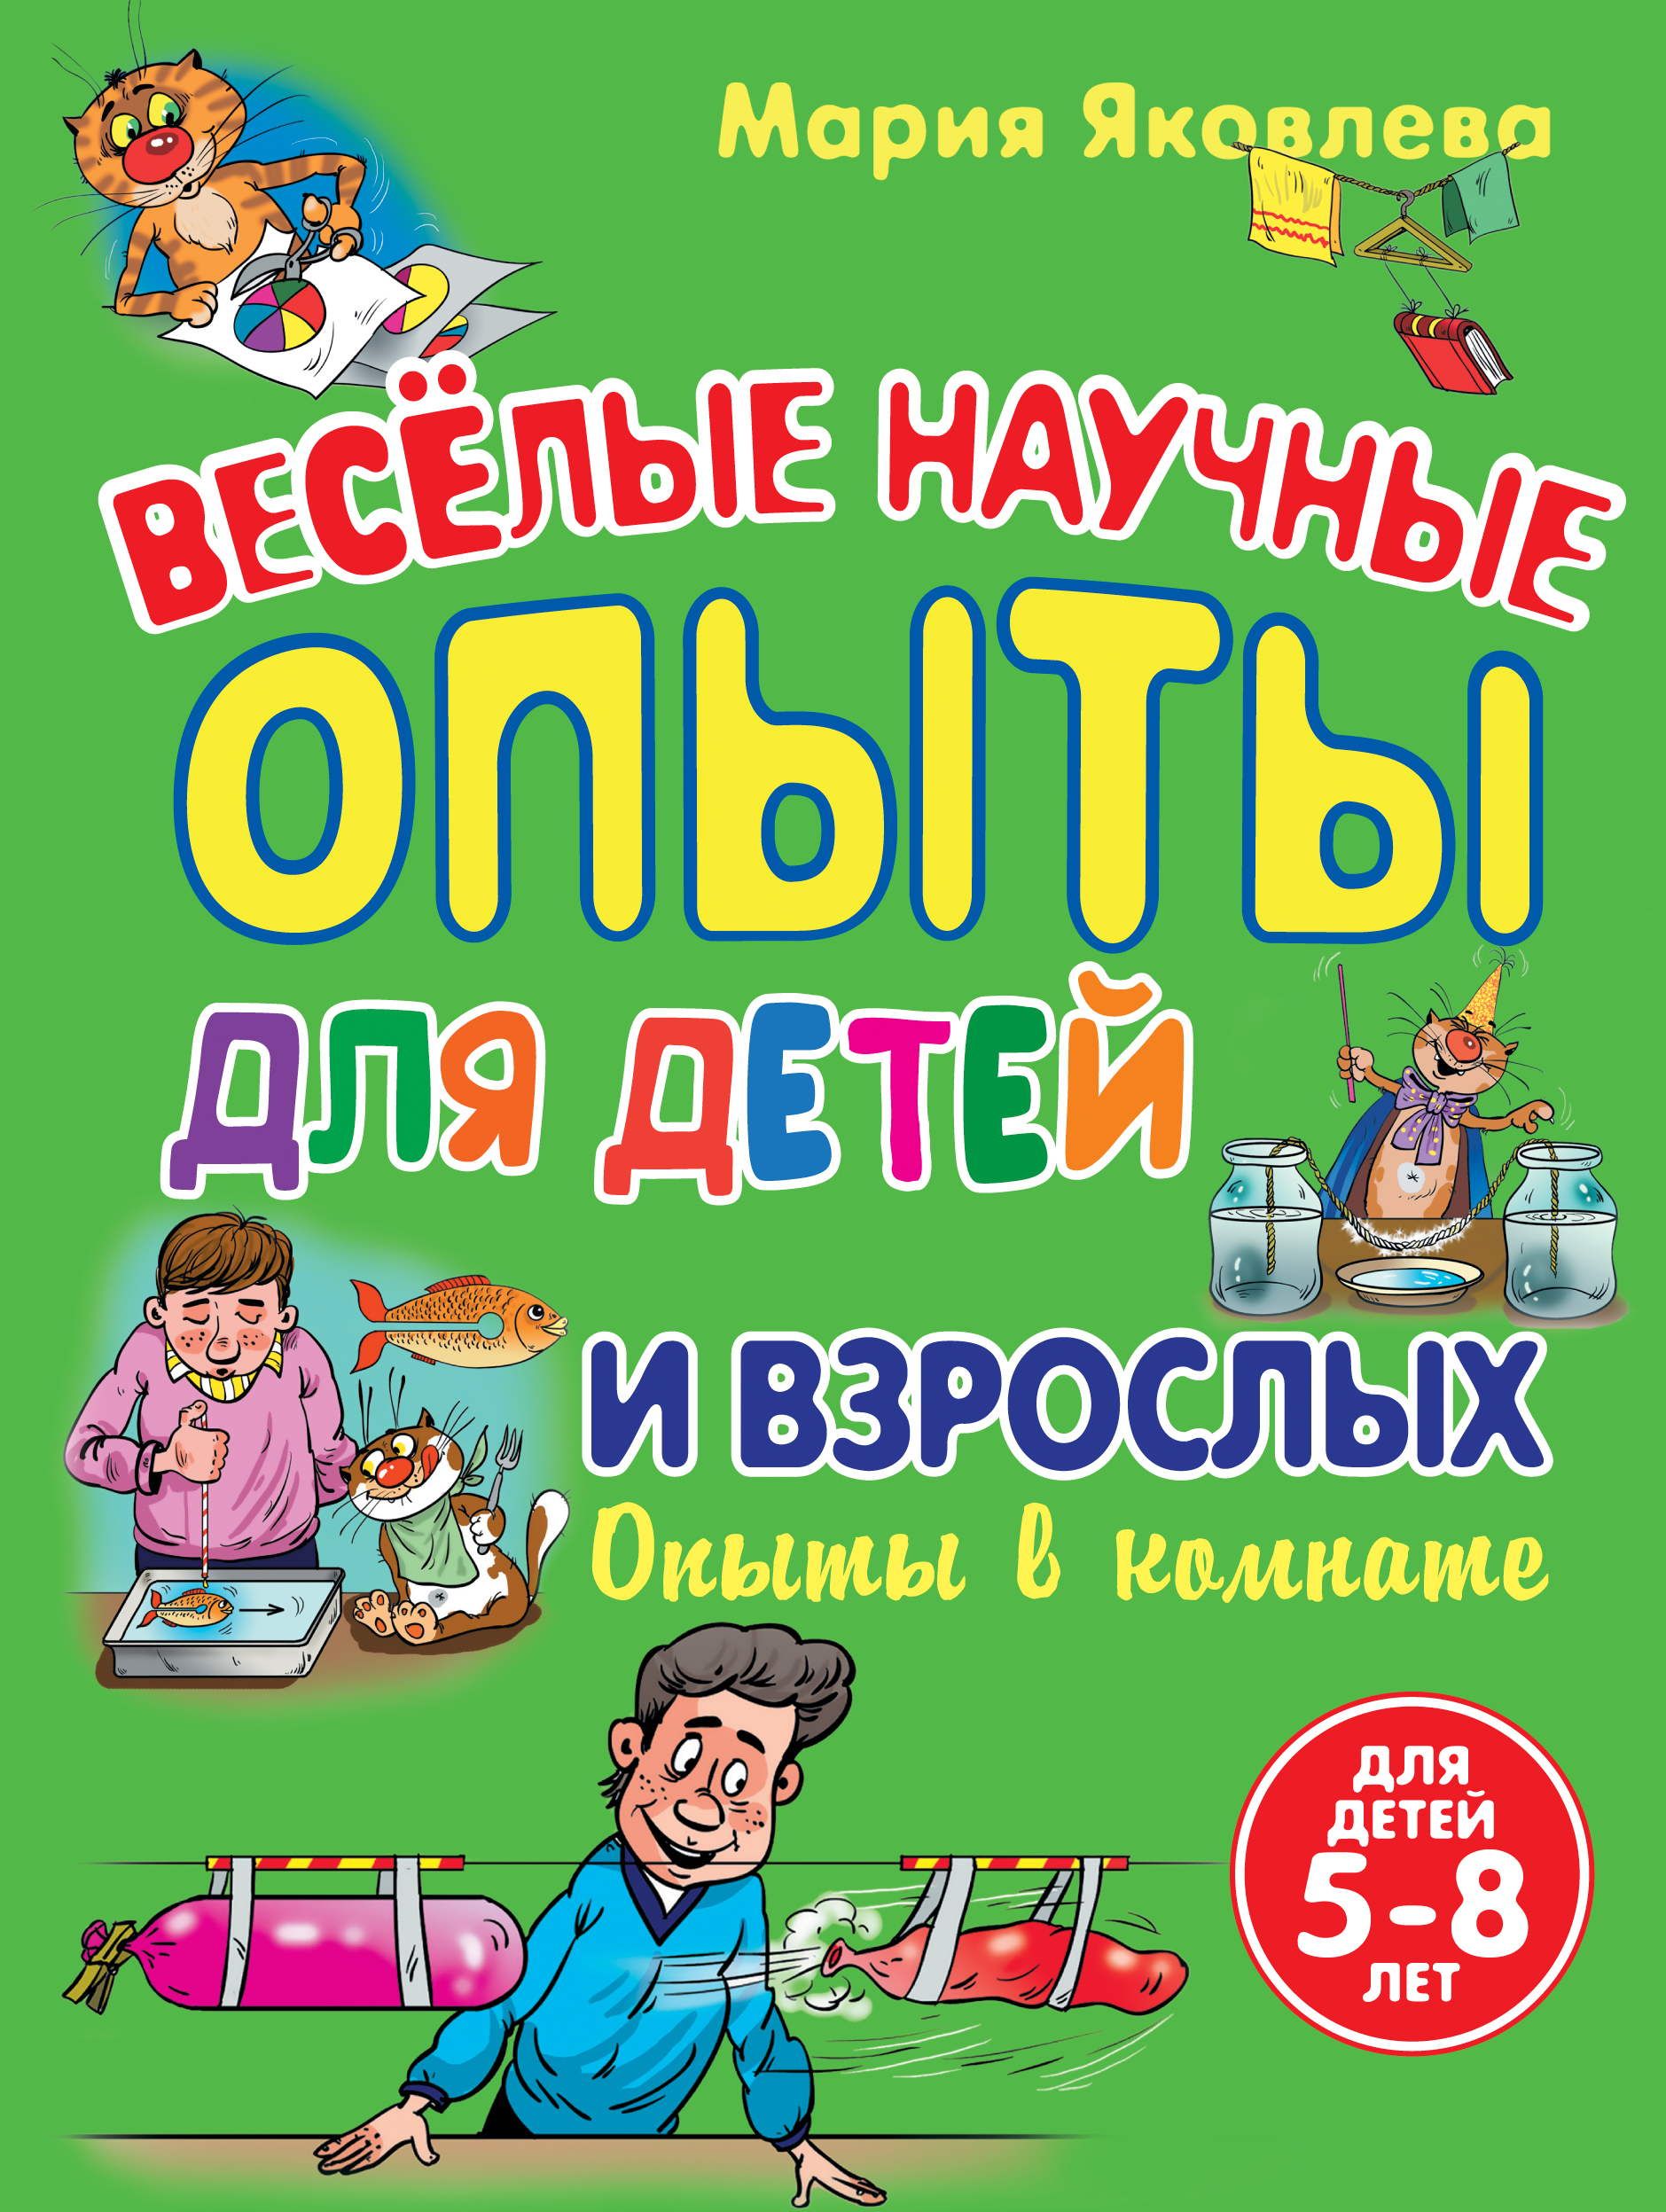 Опыты в комнате. Веселые научные опыты для детей и взрослых ( Яковлева М.А.  )